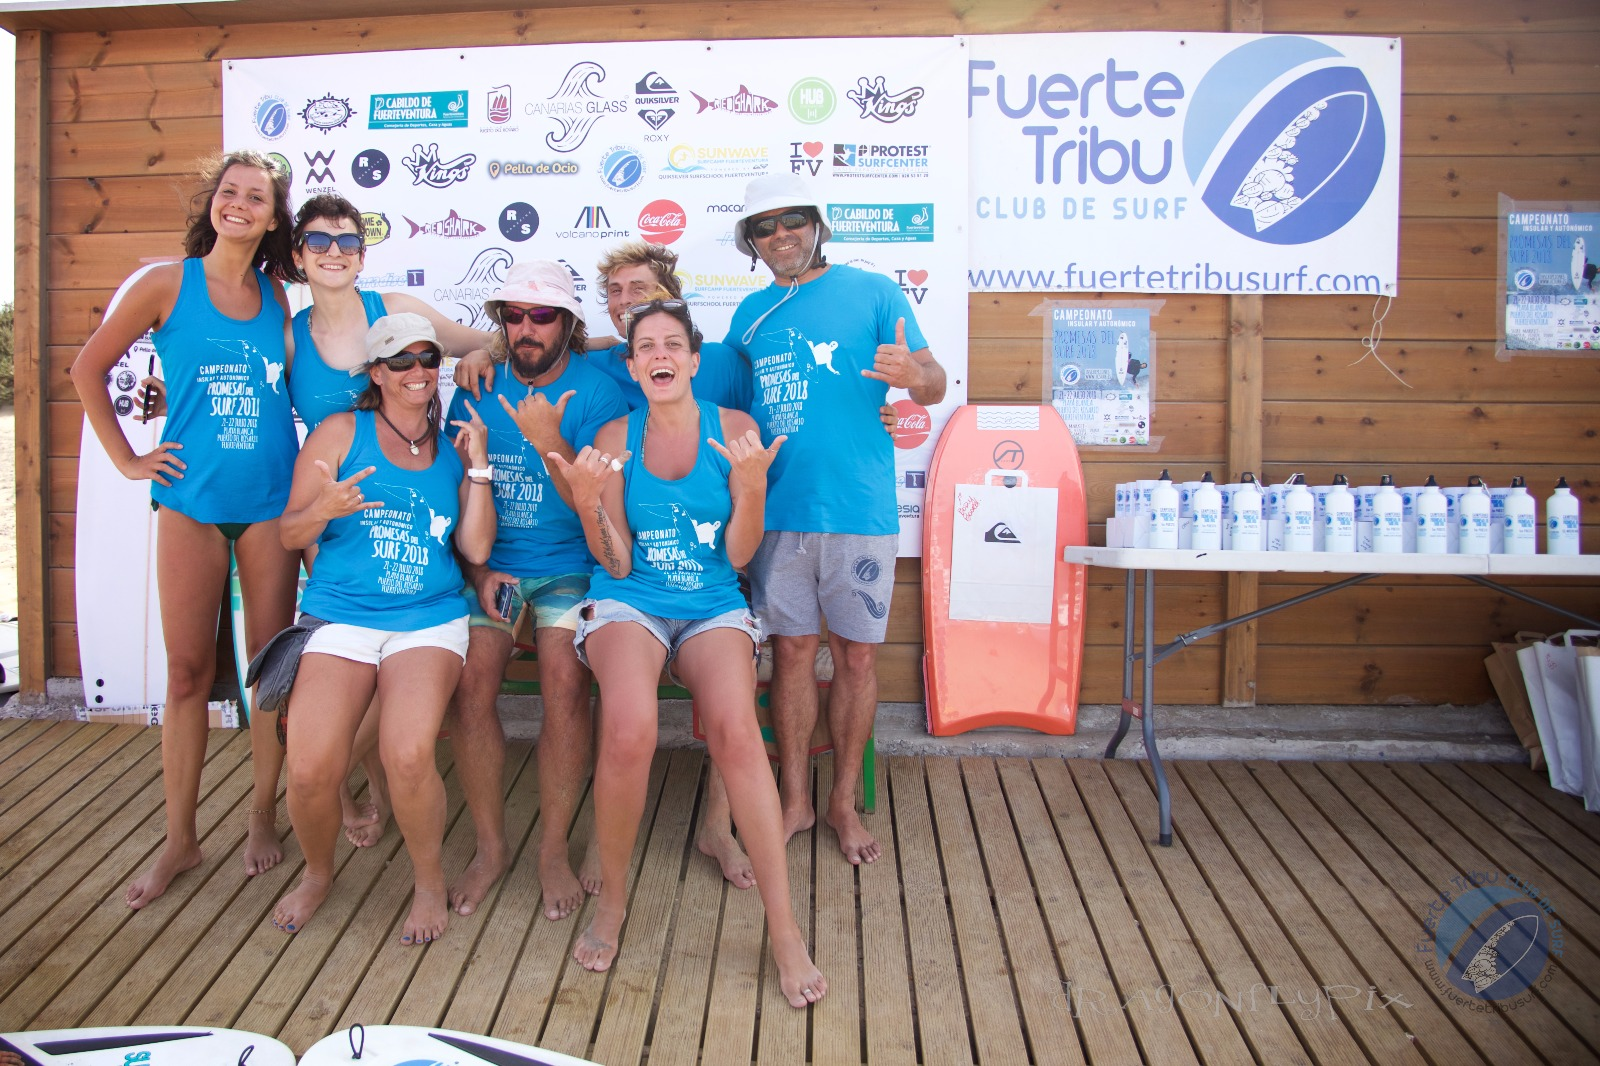 CIRCUITO CANARIO DE SURF Y FUERTE TRIBU SURF